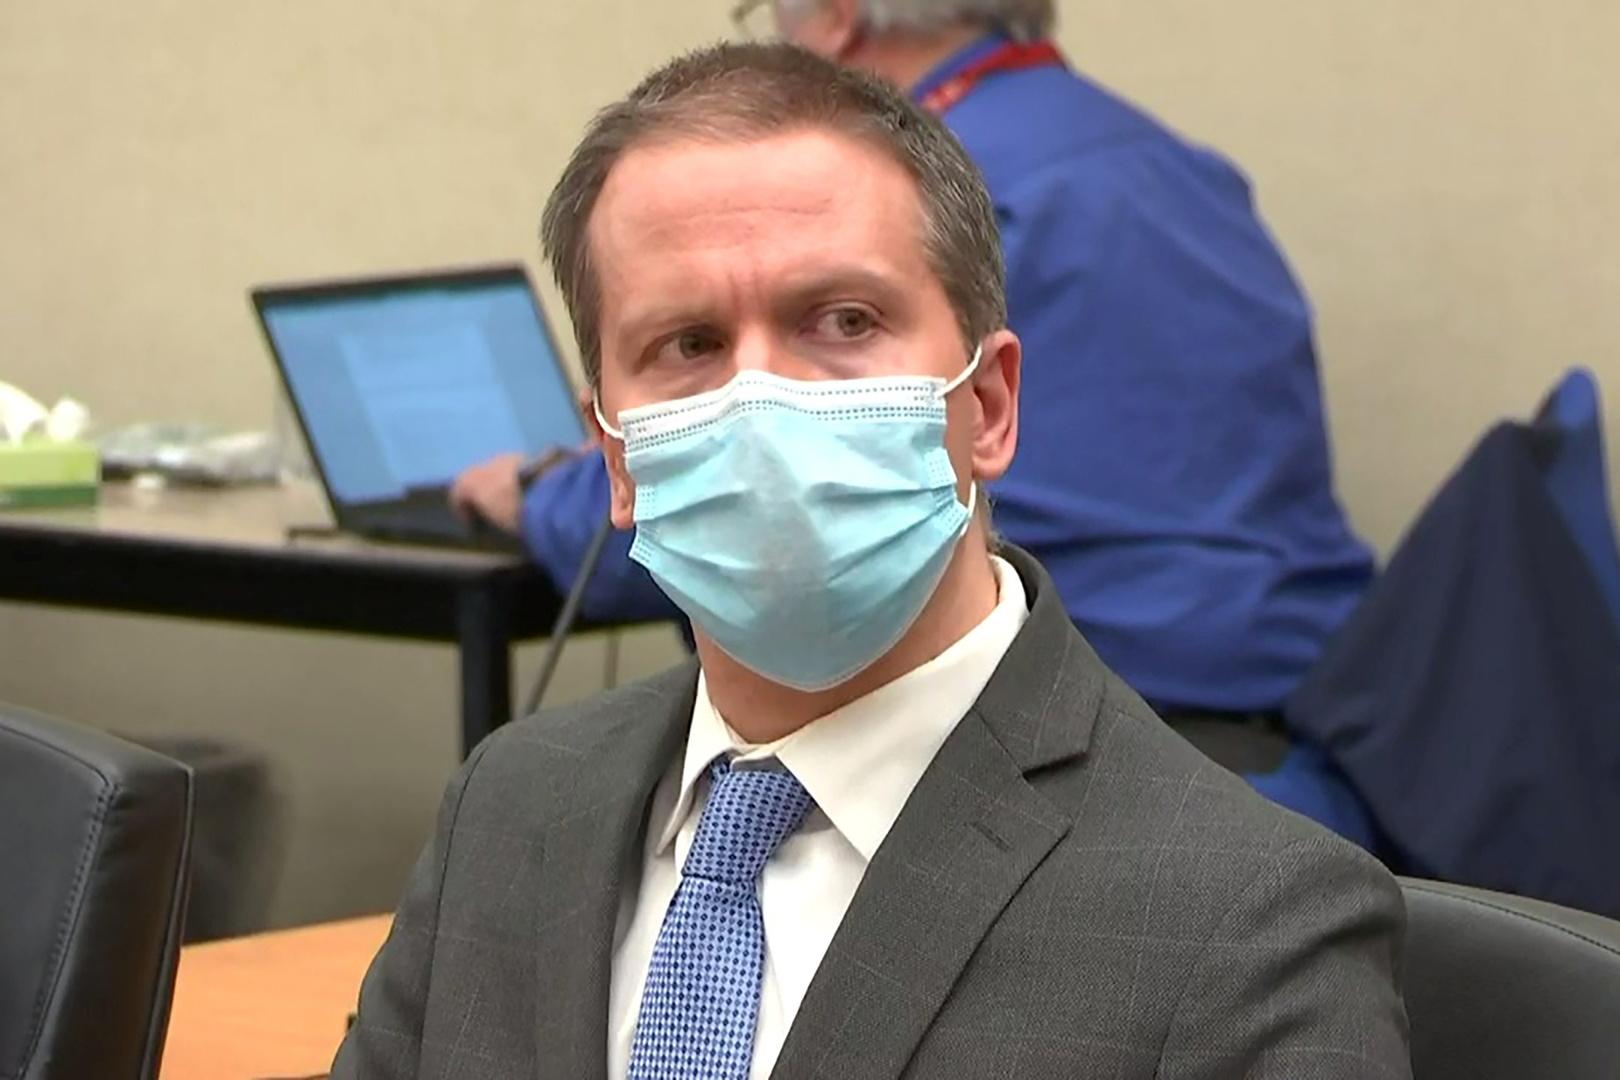 بالفيديو.. ردة فعل عائلة جورج فلويد بعد إدانة الشرطي ديريك شوفين بجريمة قتله